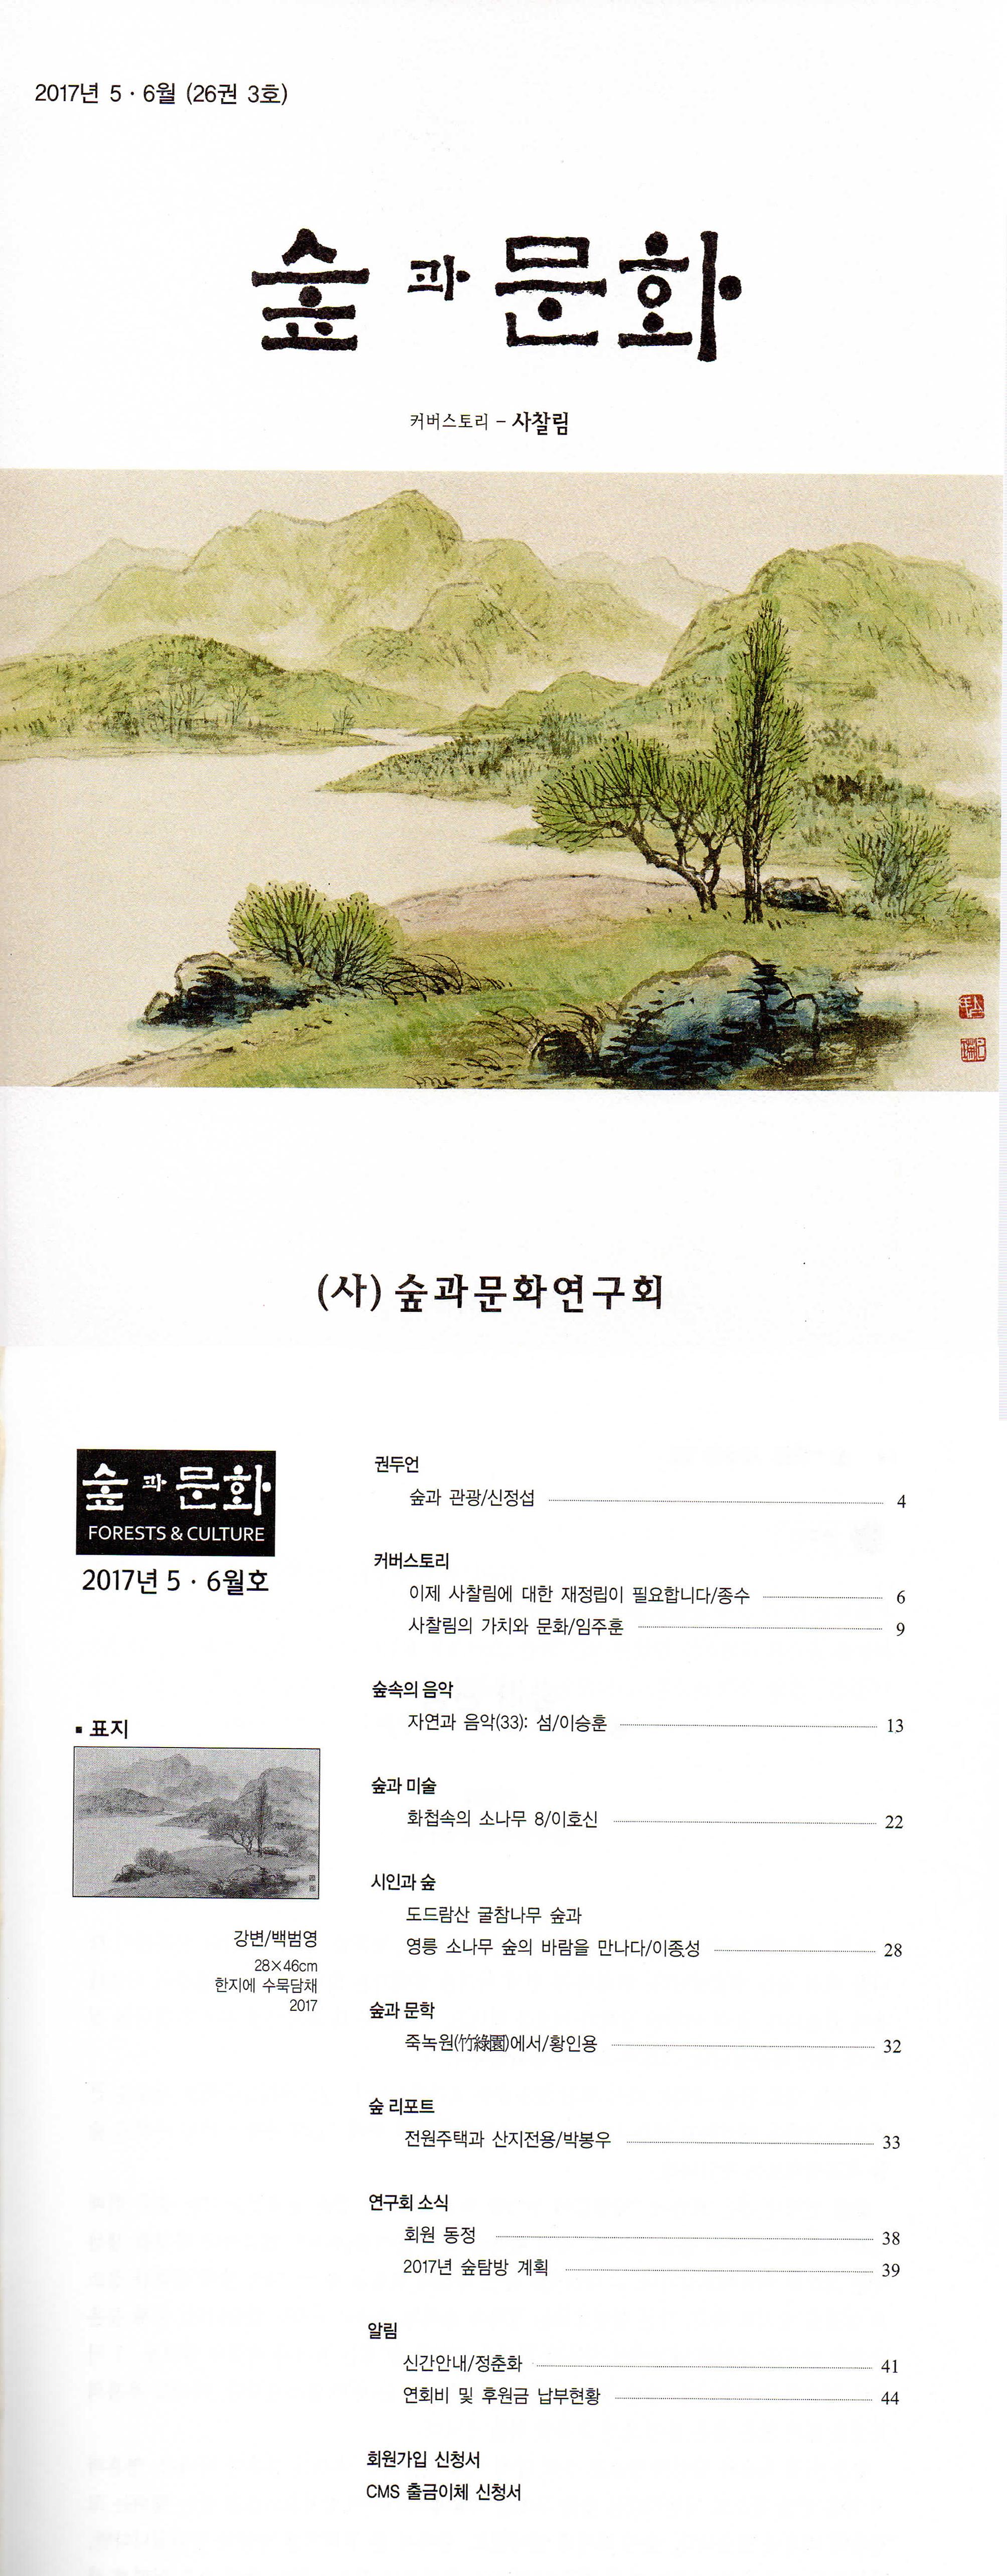 홈페이지 26-3